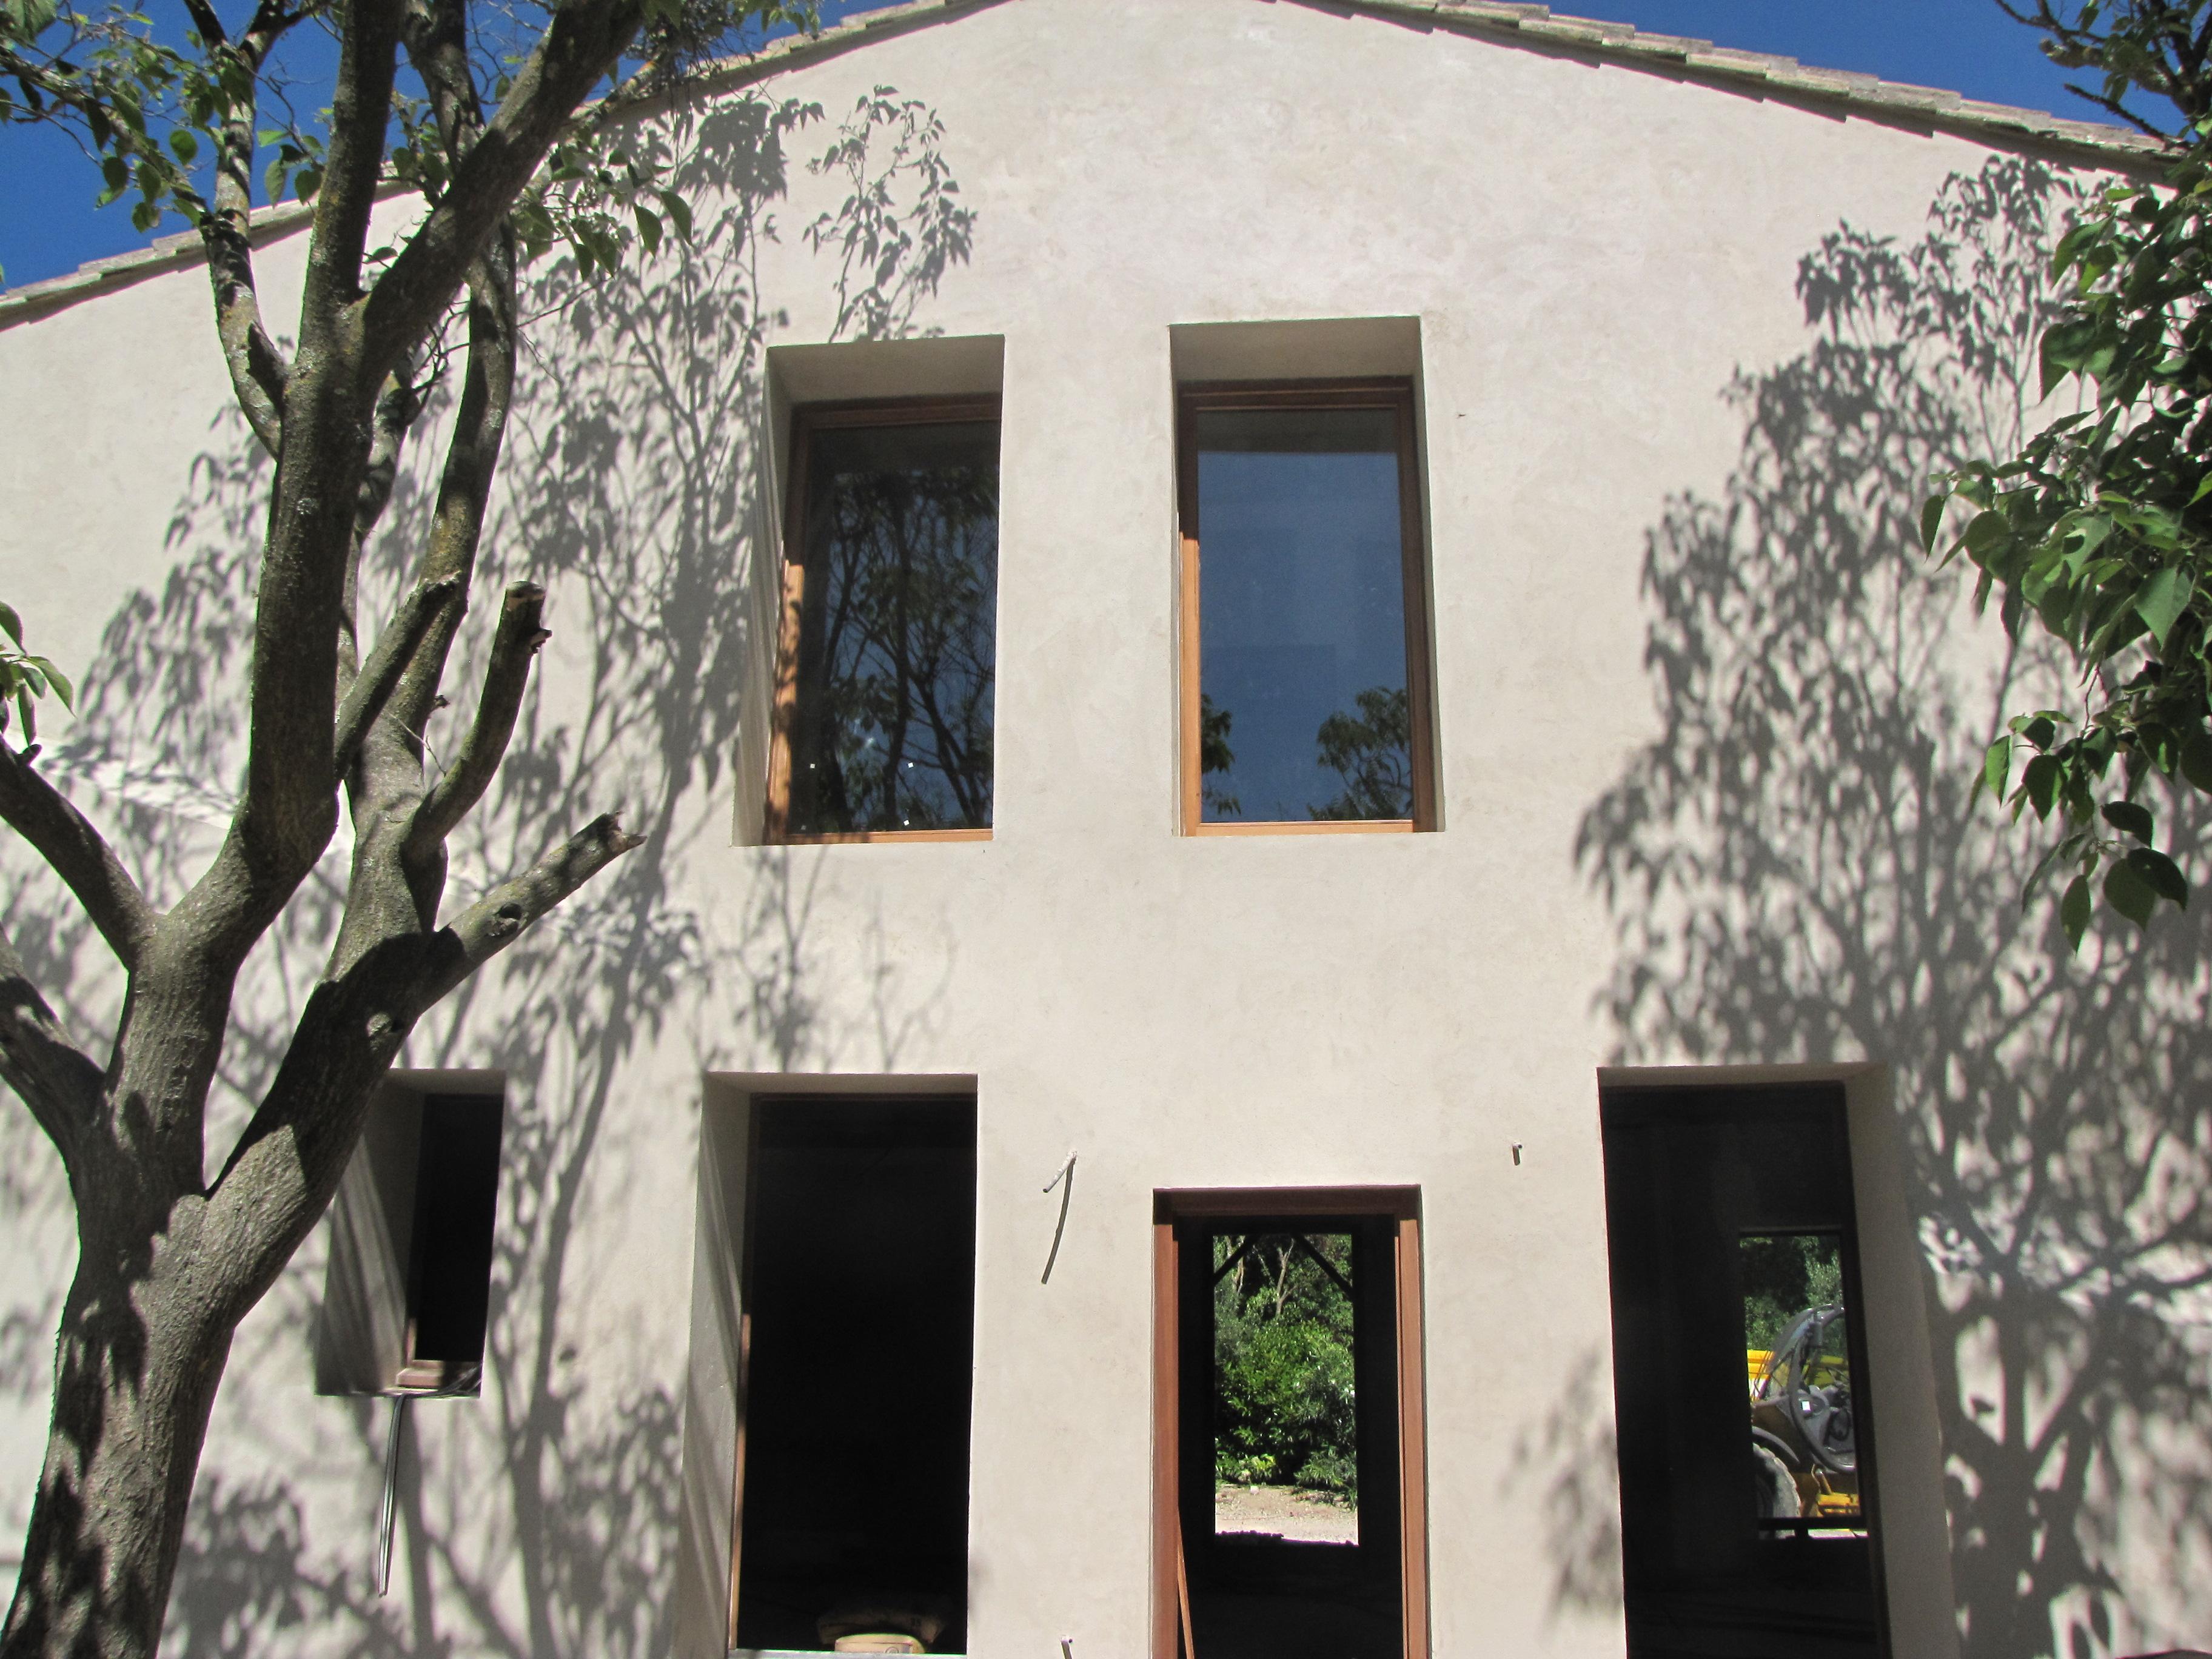 Desportes rénovation, Gard. Mas de Pesquidoux, la façade d'un mas avec enduit 3 couches.